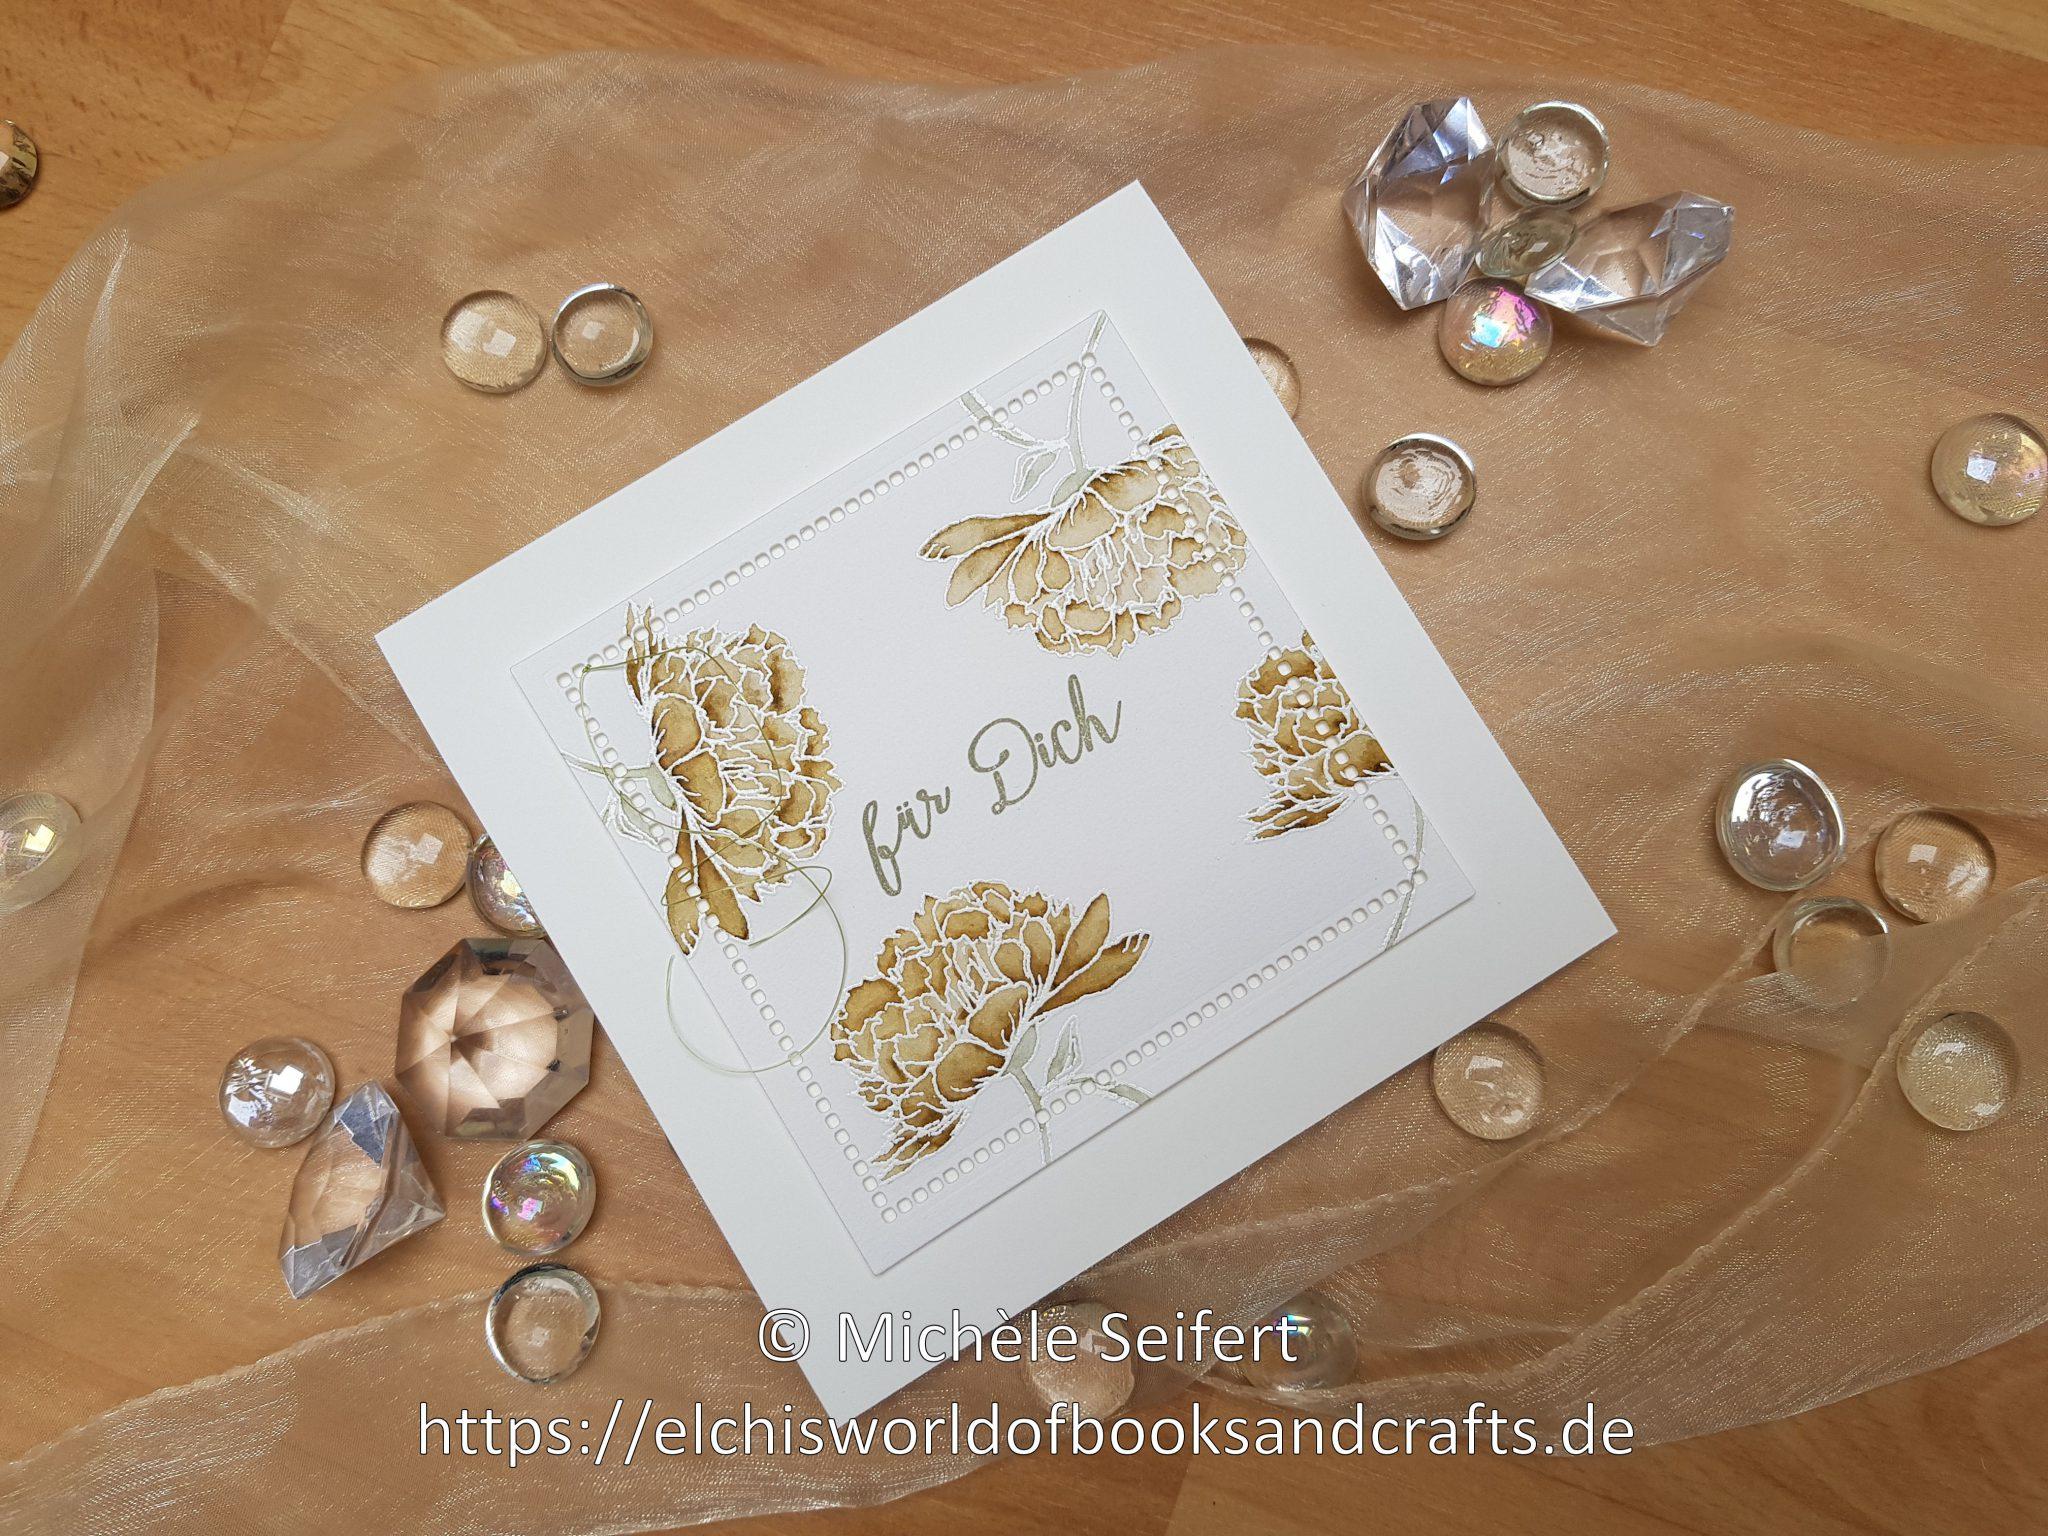 Creative Depot | Blumiger Geburtstag | Stempelset | Aquarell-Look | Zig Clean Color Real Brush Marker | Karte | Spellbinders | Hemstitch Squares